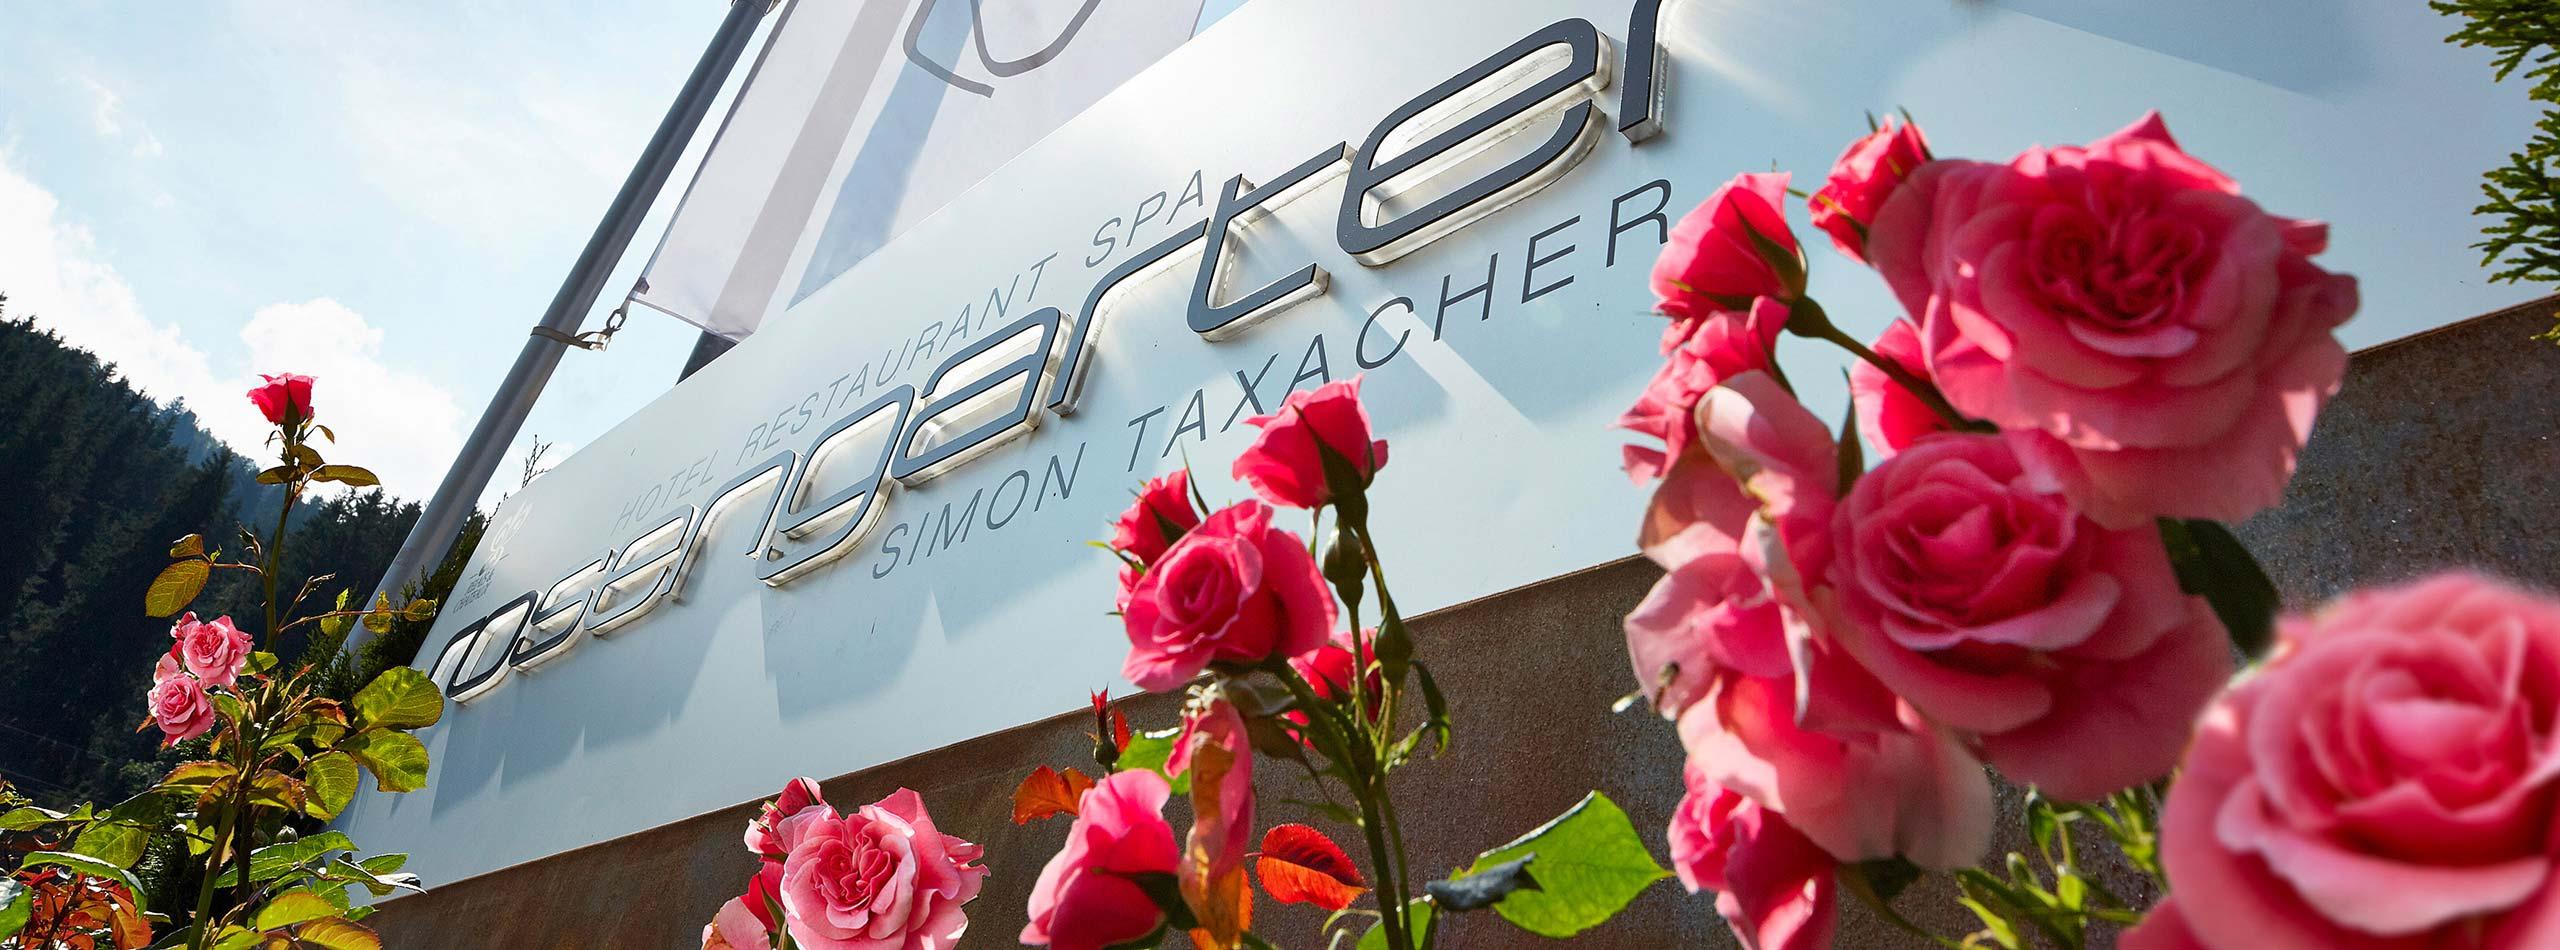 5-star luxury hotel Rosengarten Kirchberg Tyrol